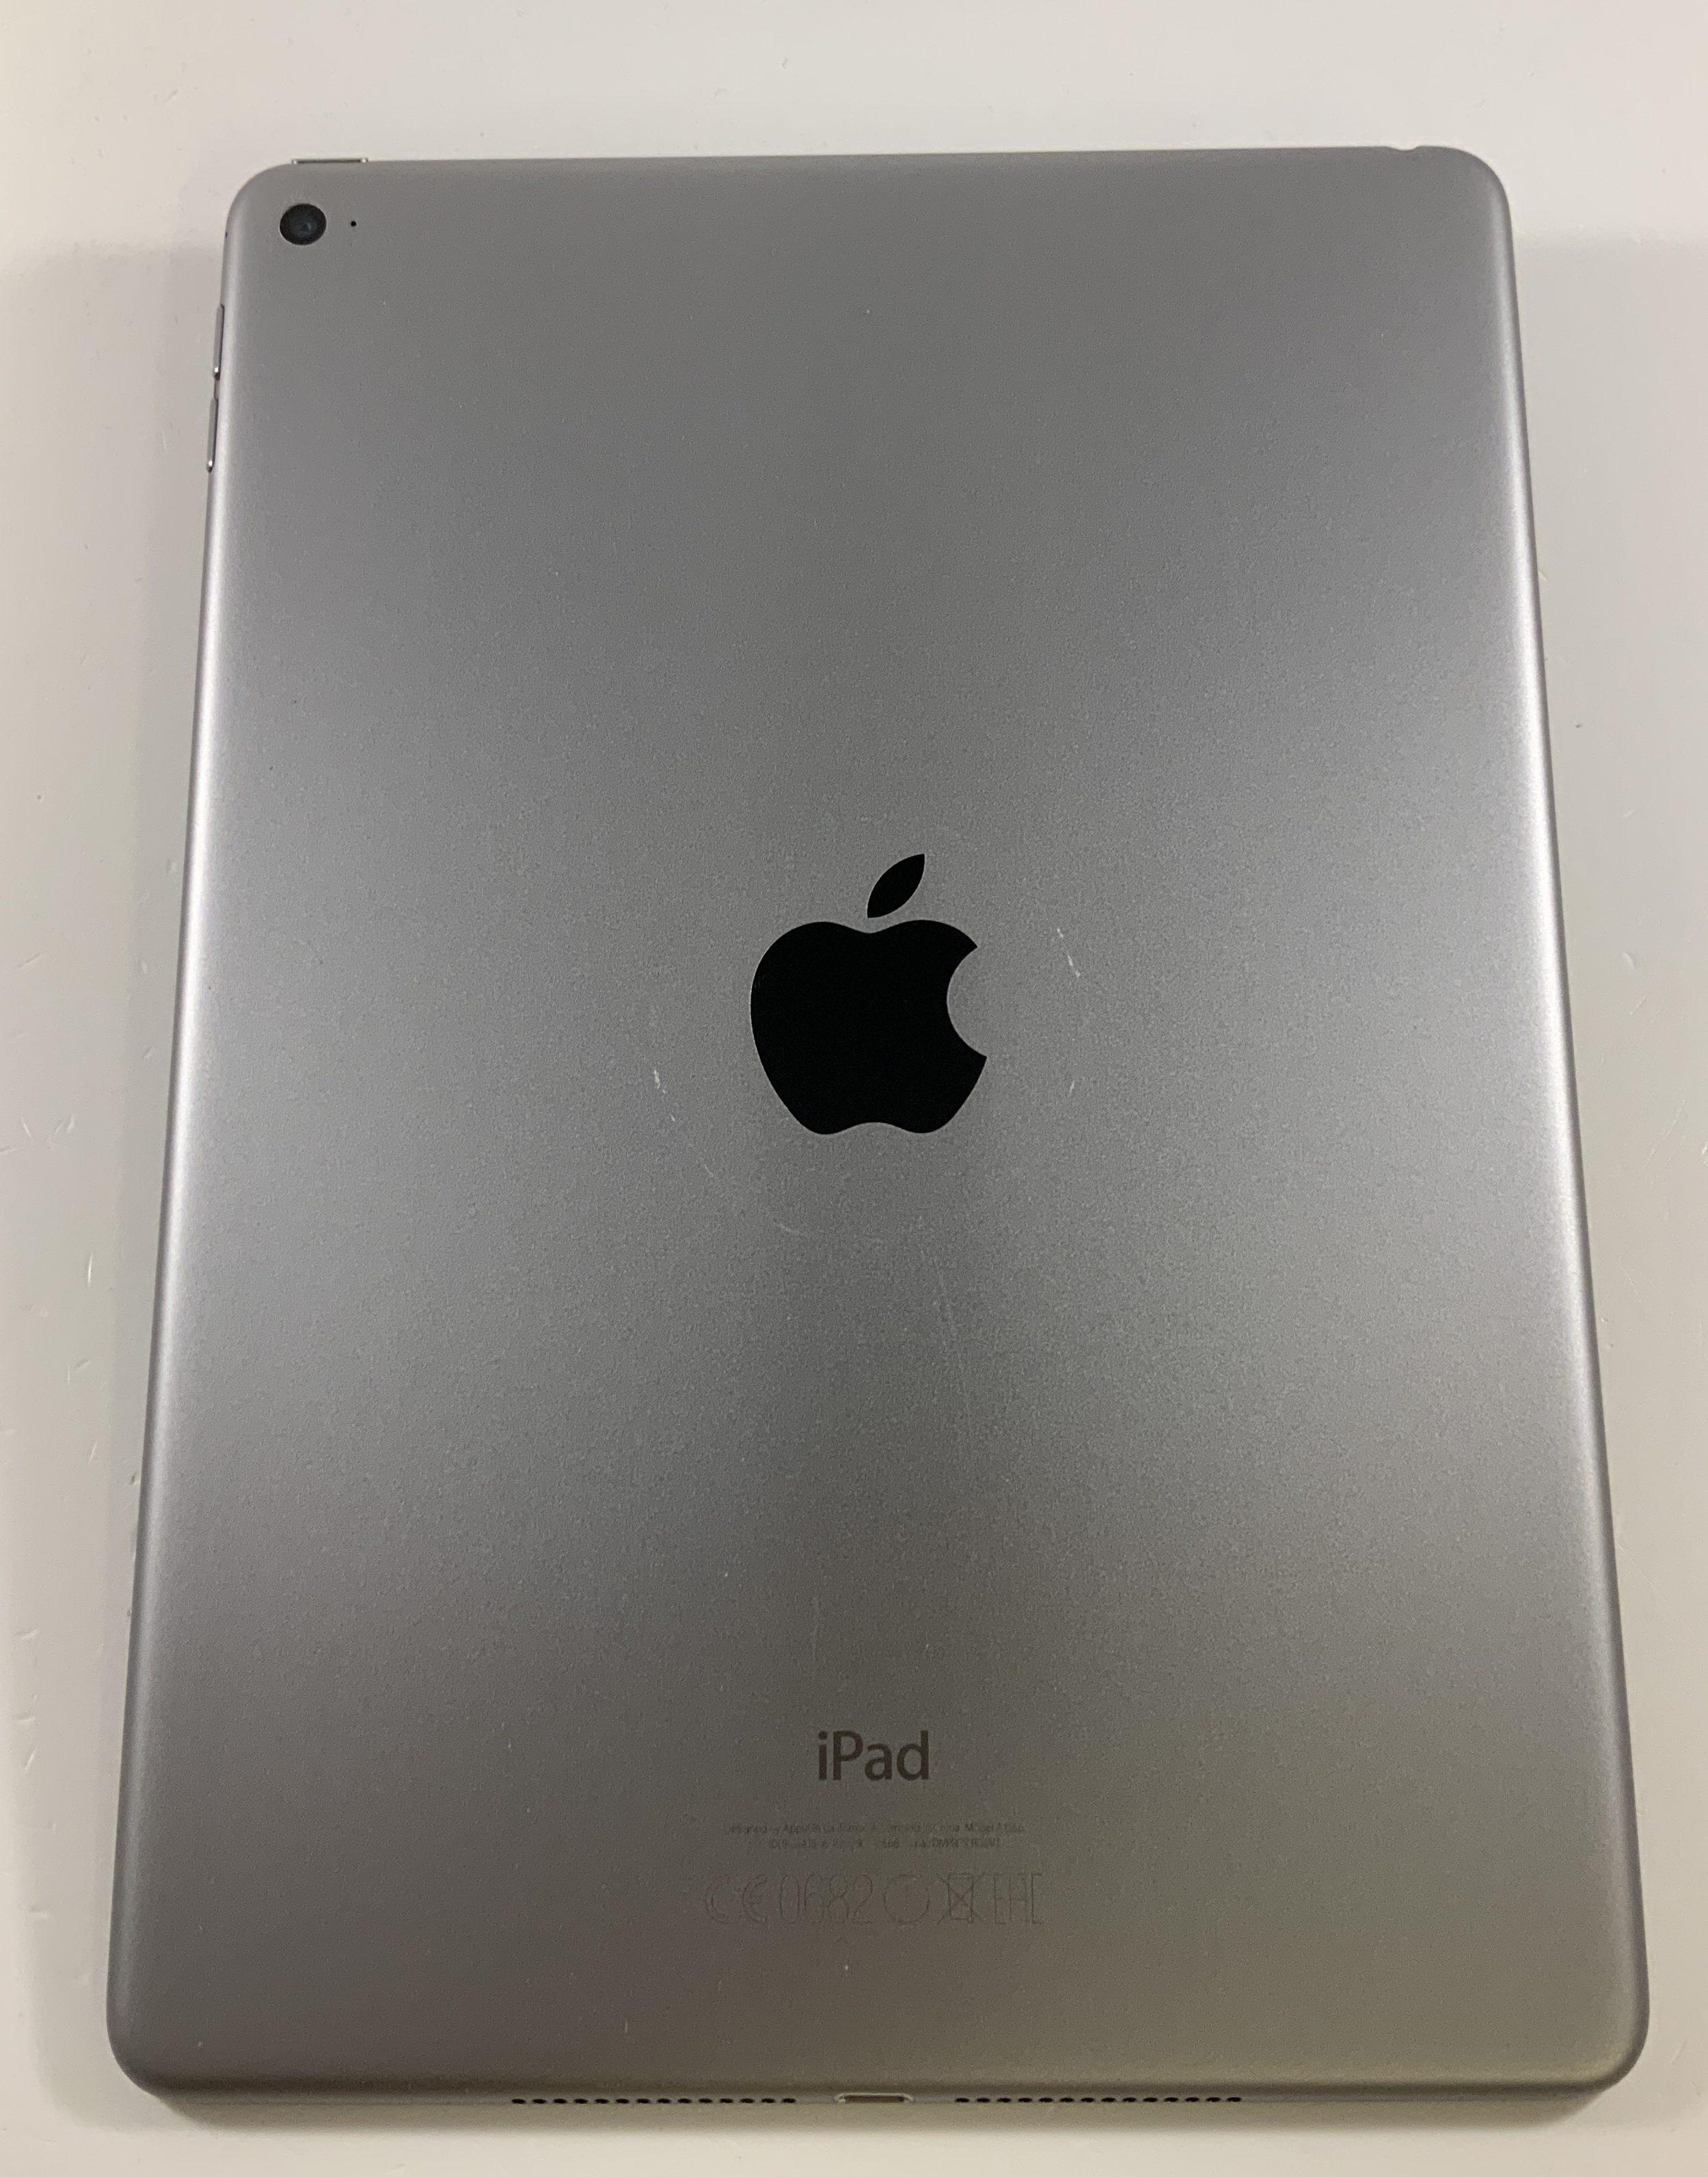 iPad Air 2 Wi-Fi 16GB, 16GB, Space Gray, Afbeelding 2